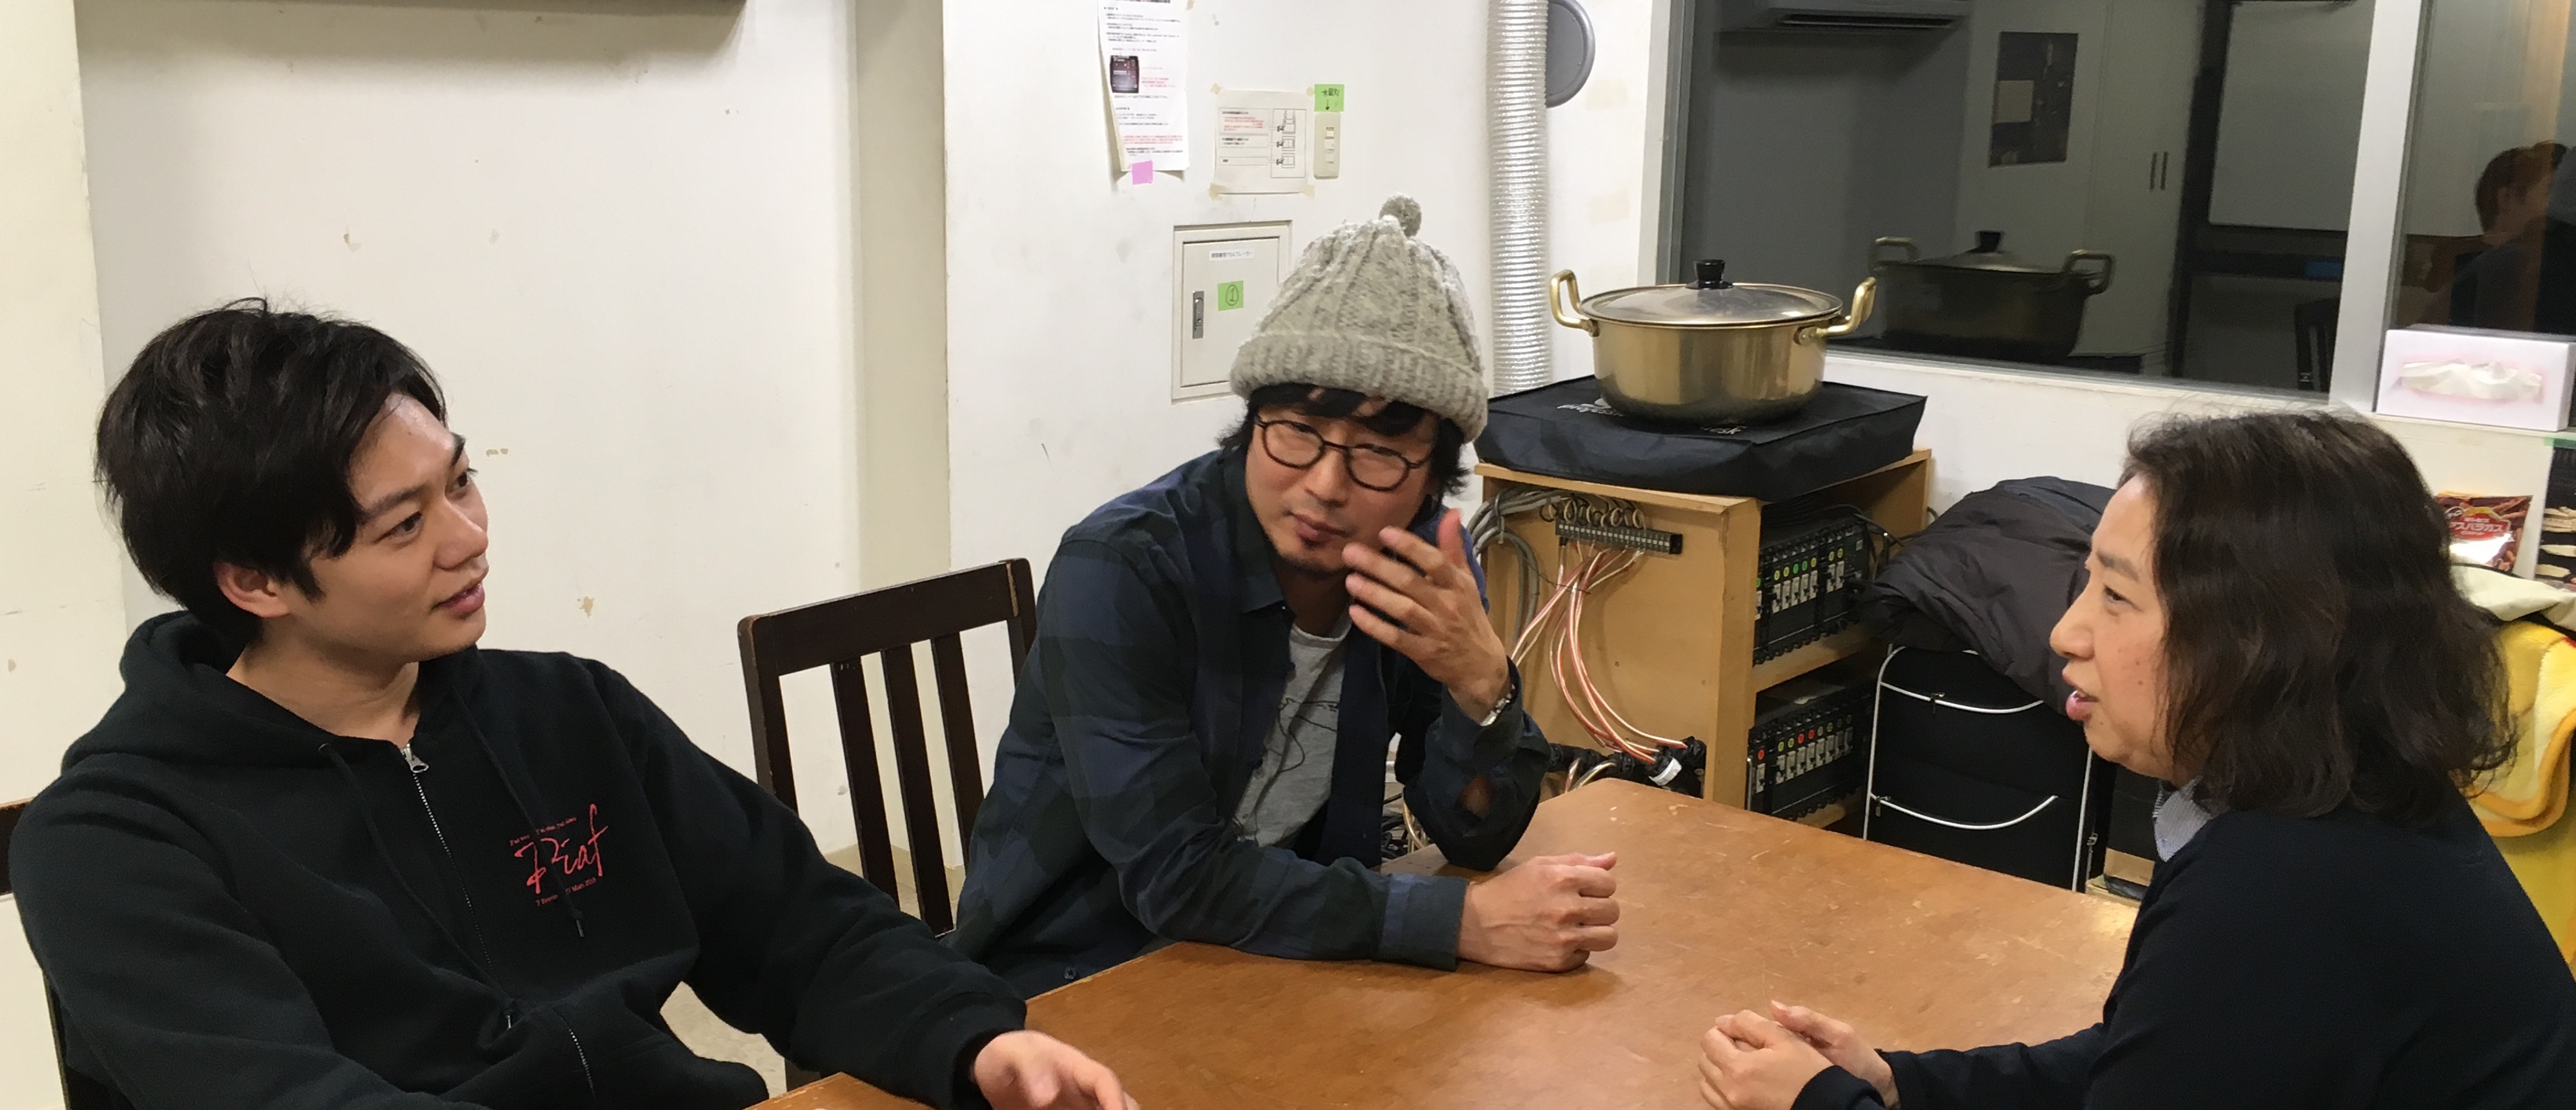 左から、碓井将大さん、中山祐一朗さん、綿貫凜さん。